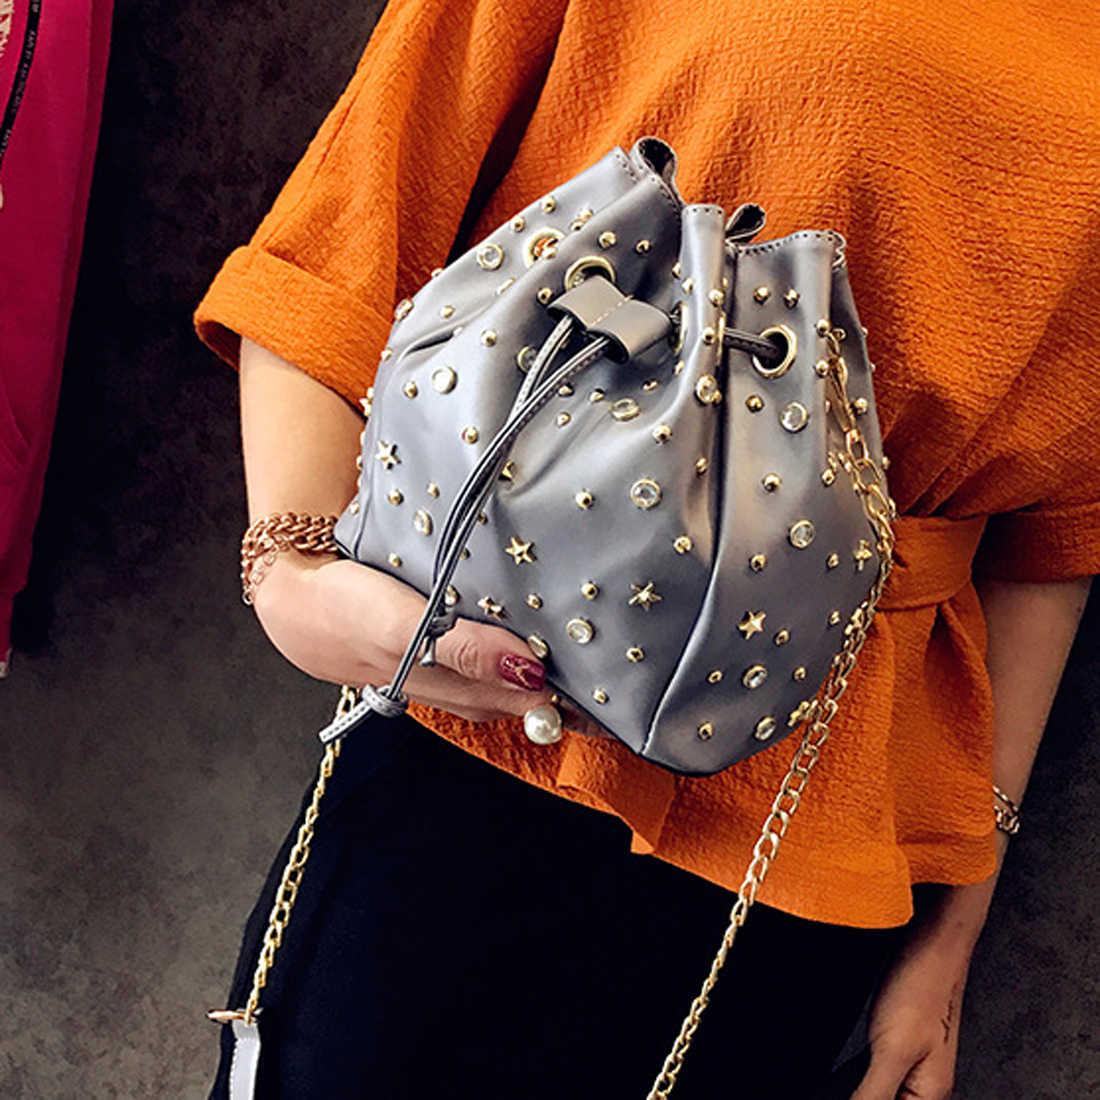 SFG EV Perçin Tasarım Kova Çanta Moda İpli omuzdan askili çanta Yüksek Kaliteli Kristal postacı çantası Rahat Kadın Crossbody çanta